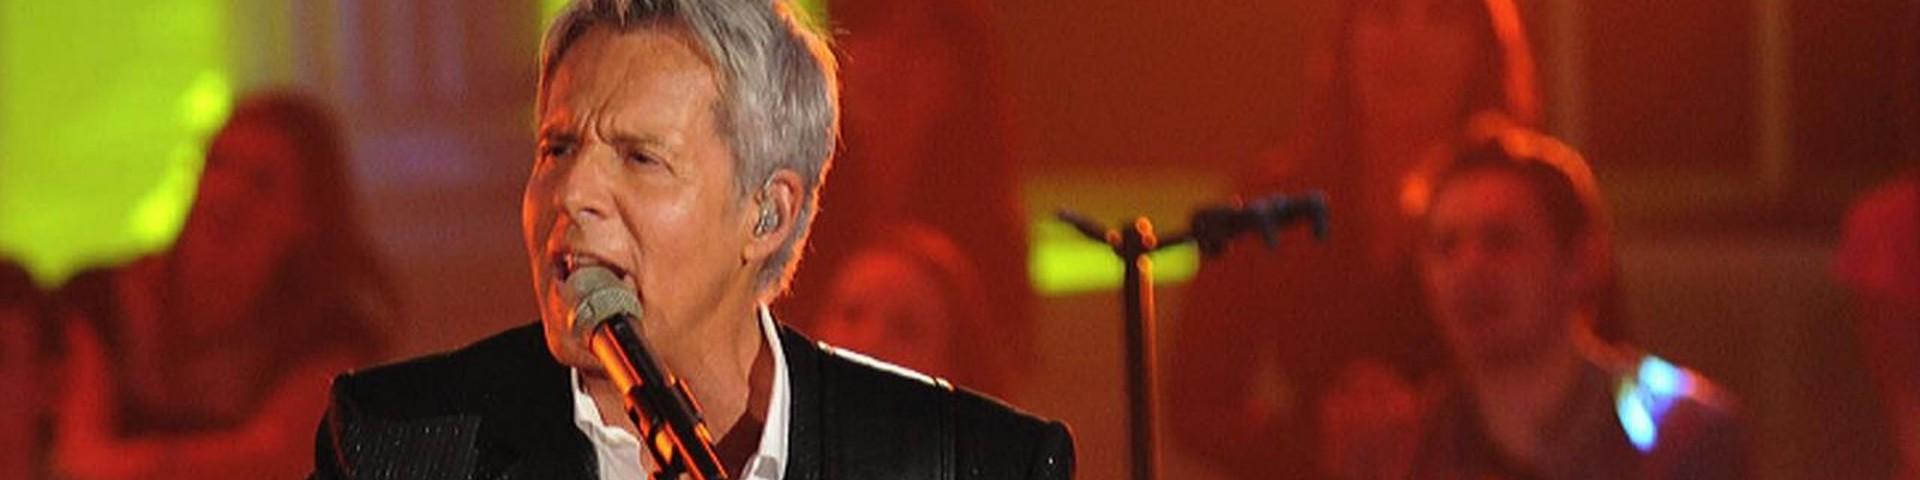 Claudio Baglioni a Sanremo 2020? Ecco chi potrebbe essere il sostituto